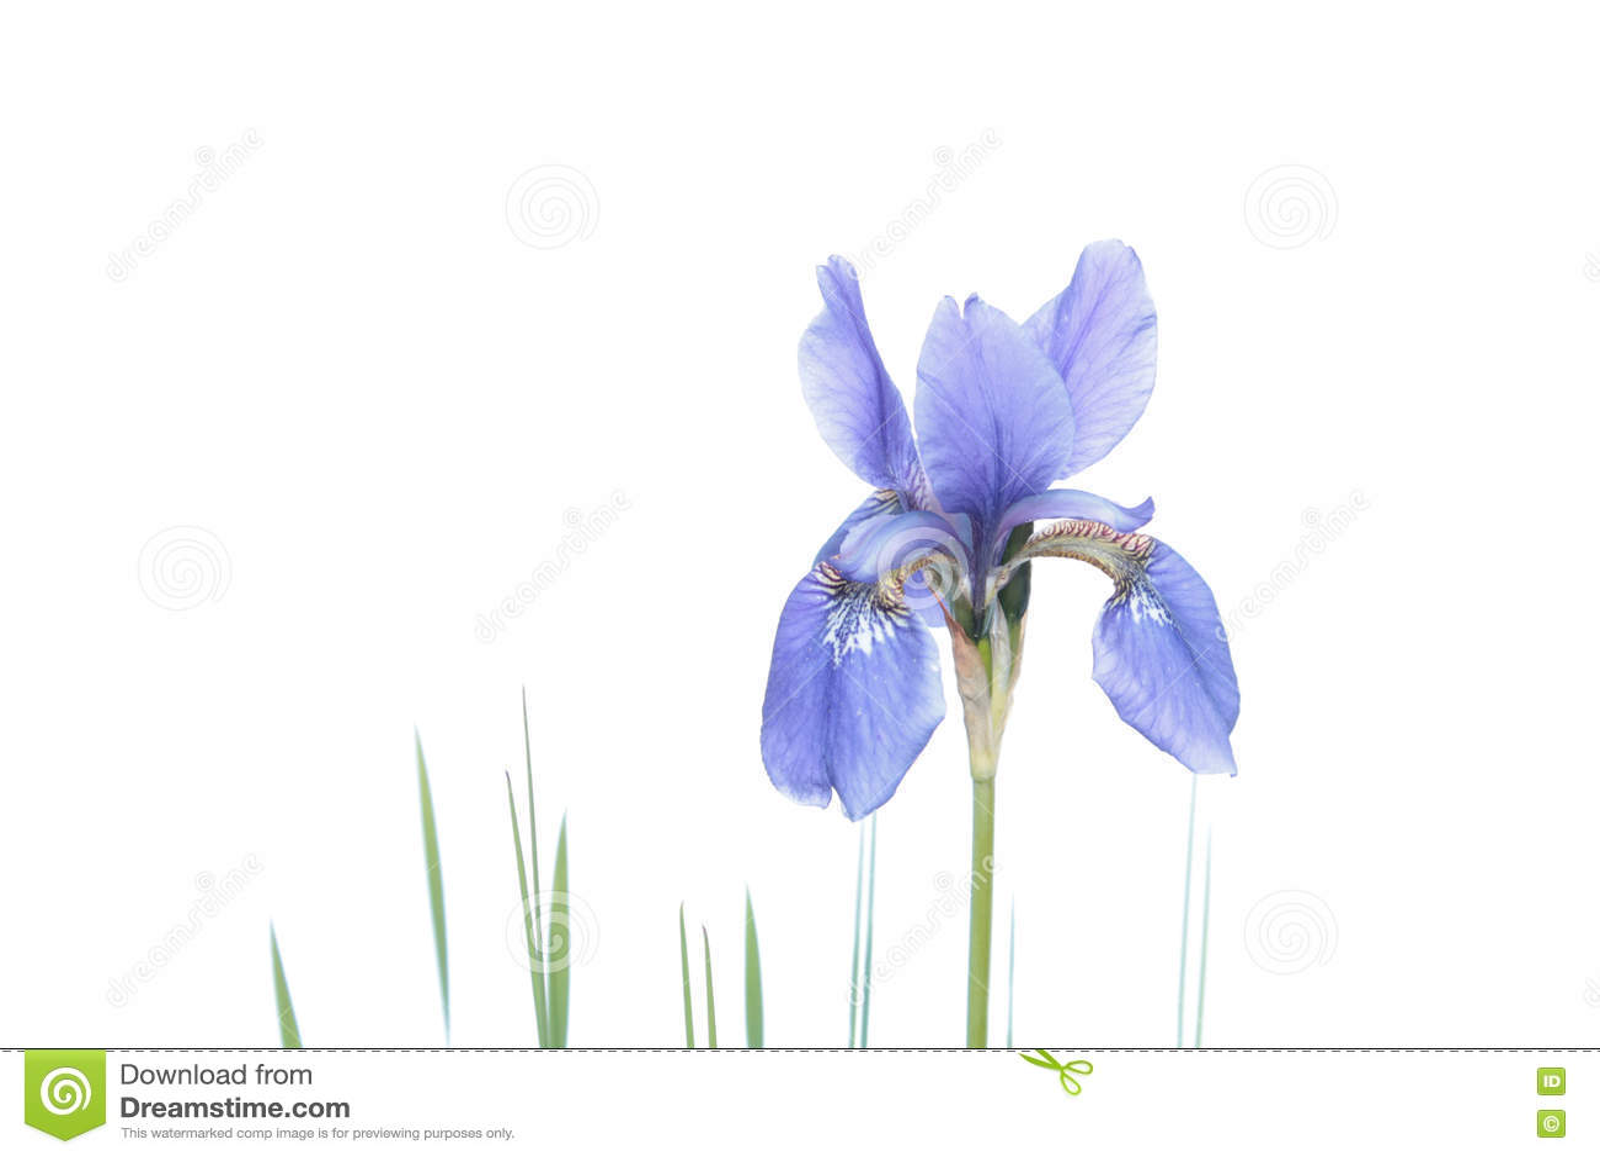 Blue iris isolated on white background siberian iris flower stock blue iris isolated on white background siberian iris flower garden botany izmirmasajfo